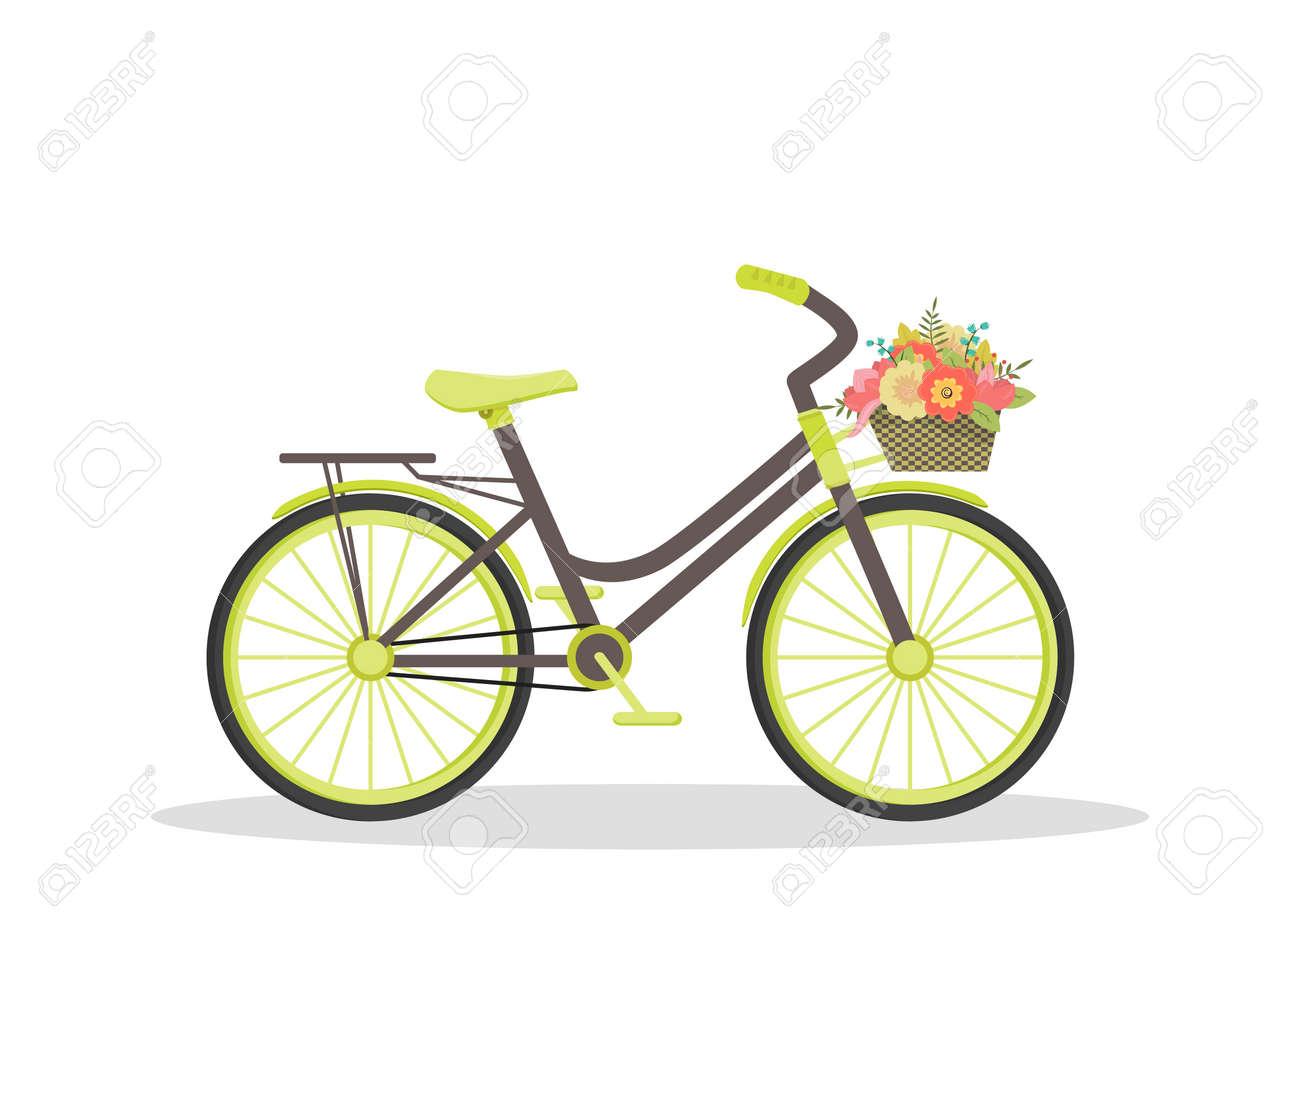 Schöne Wohnung Rustikale Fahrrad Mit Blumen Im Korb. Floral Vintage Reise  Konzept.